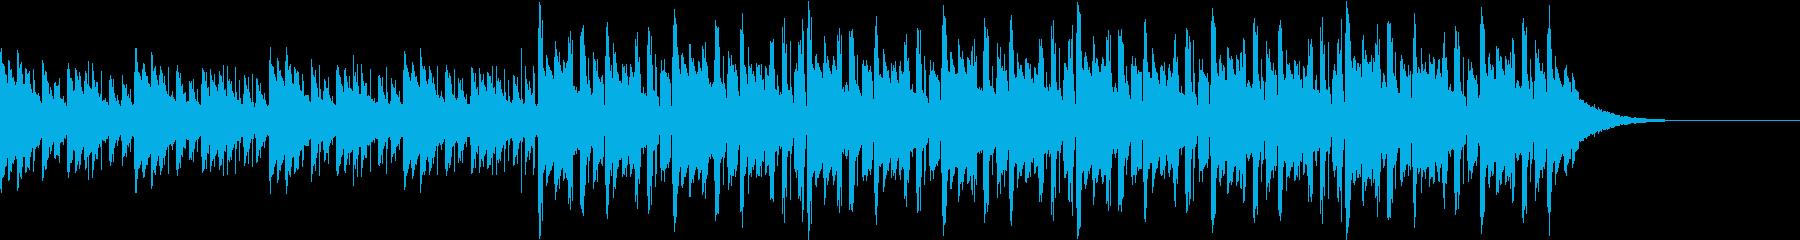 Pf「秒針」和風現代ジャズの再生済みの波形